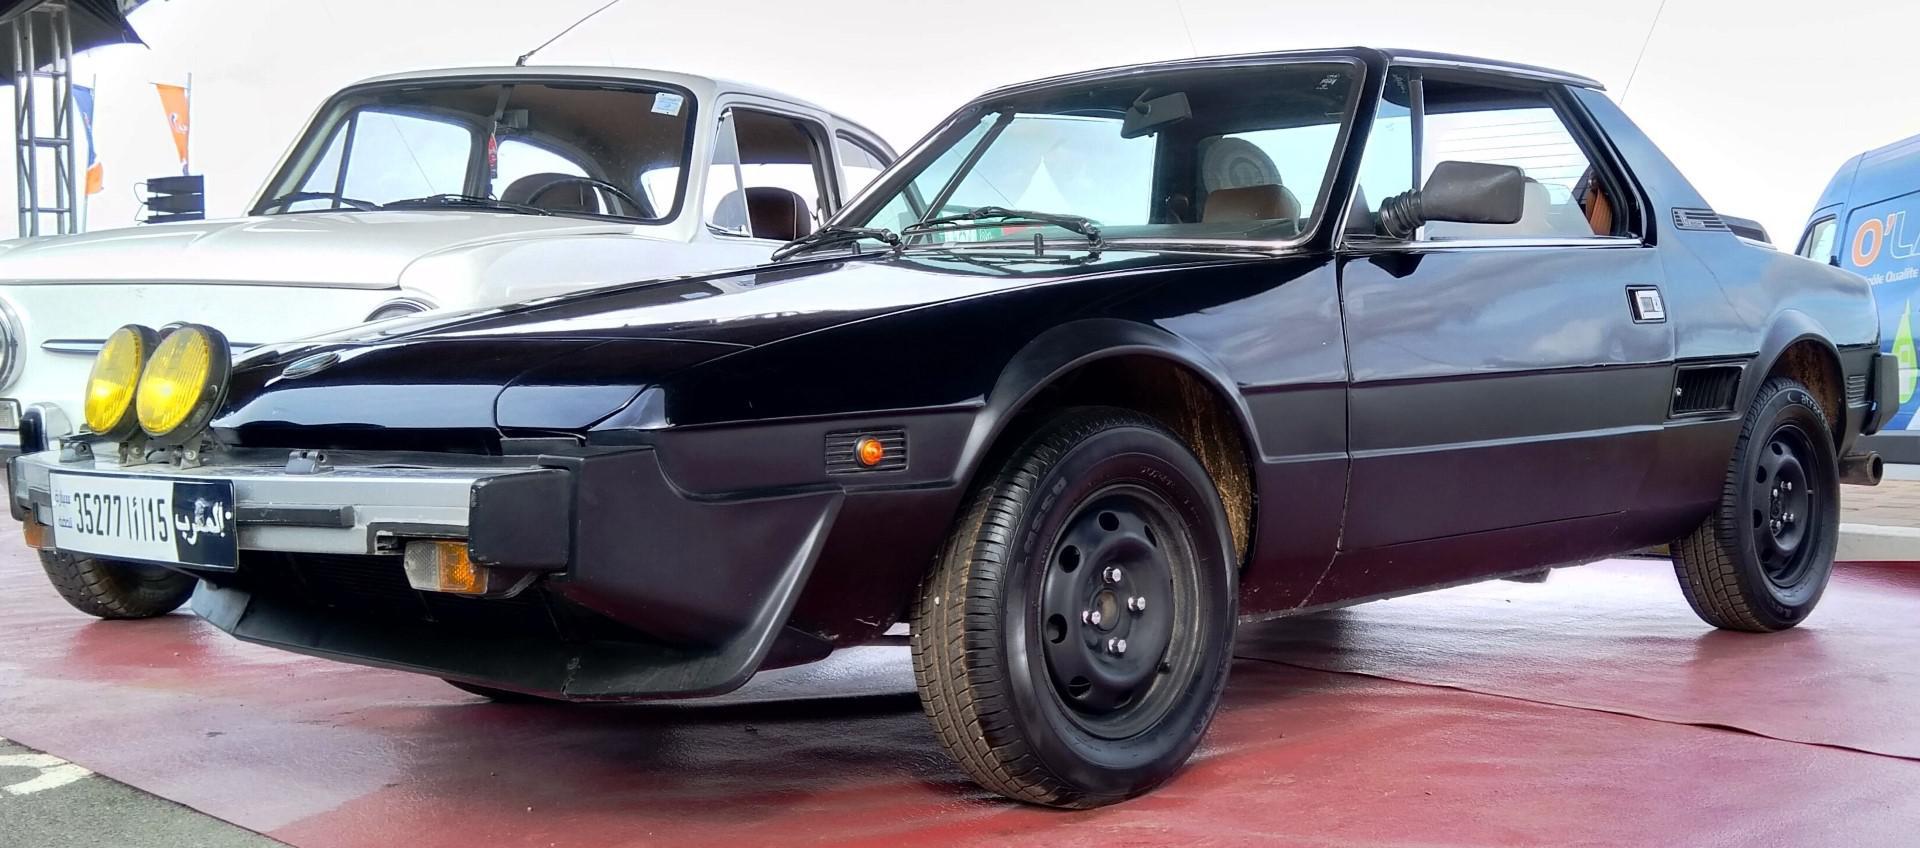 les-voitures-de-sports-du-classic-cars-expo-2019-1137-6.jpg